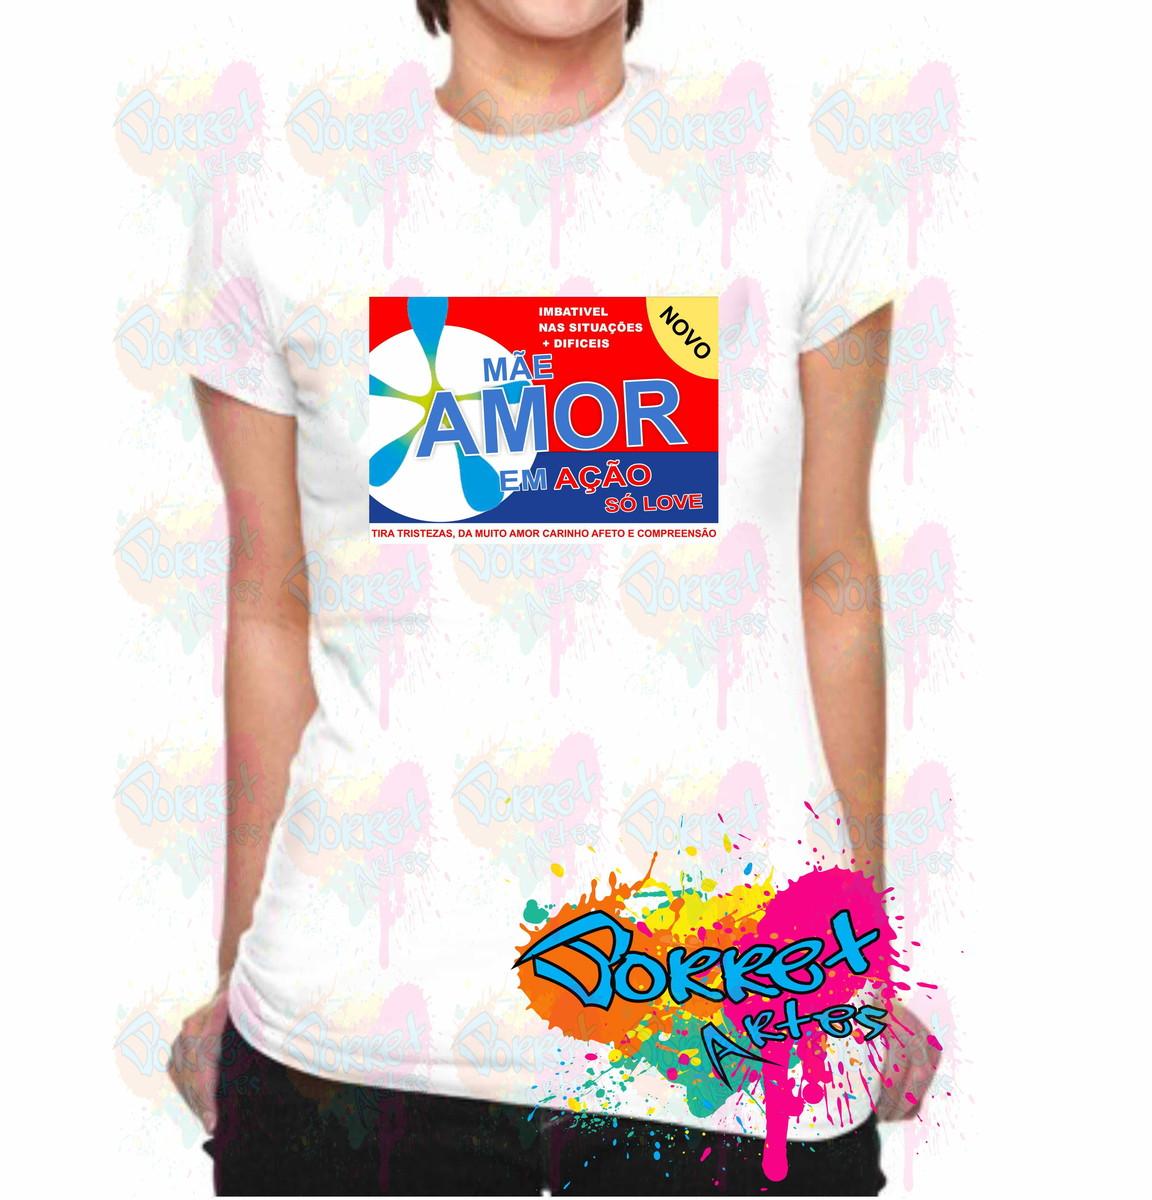 Camisa Personalizada Mãe Amor em Ação no Elo7  f7d458229a85e